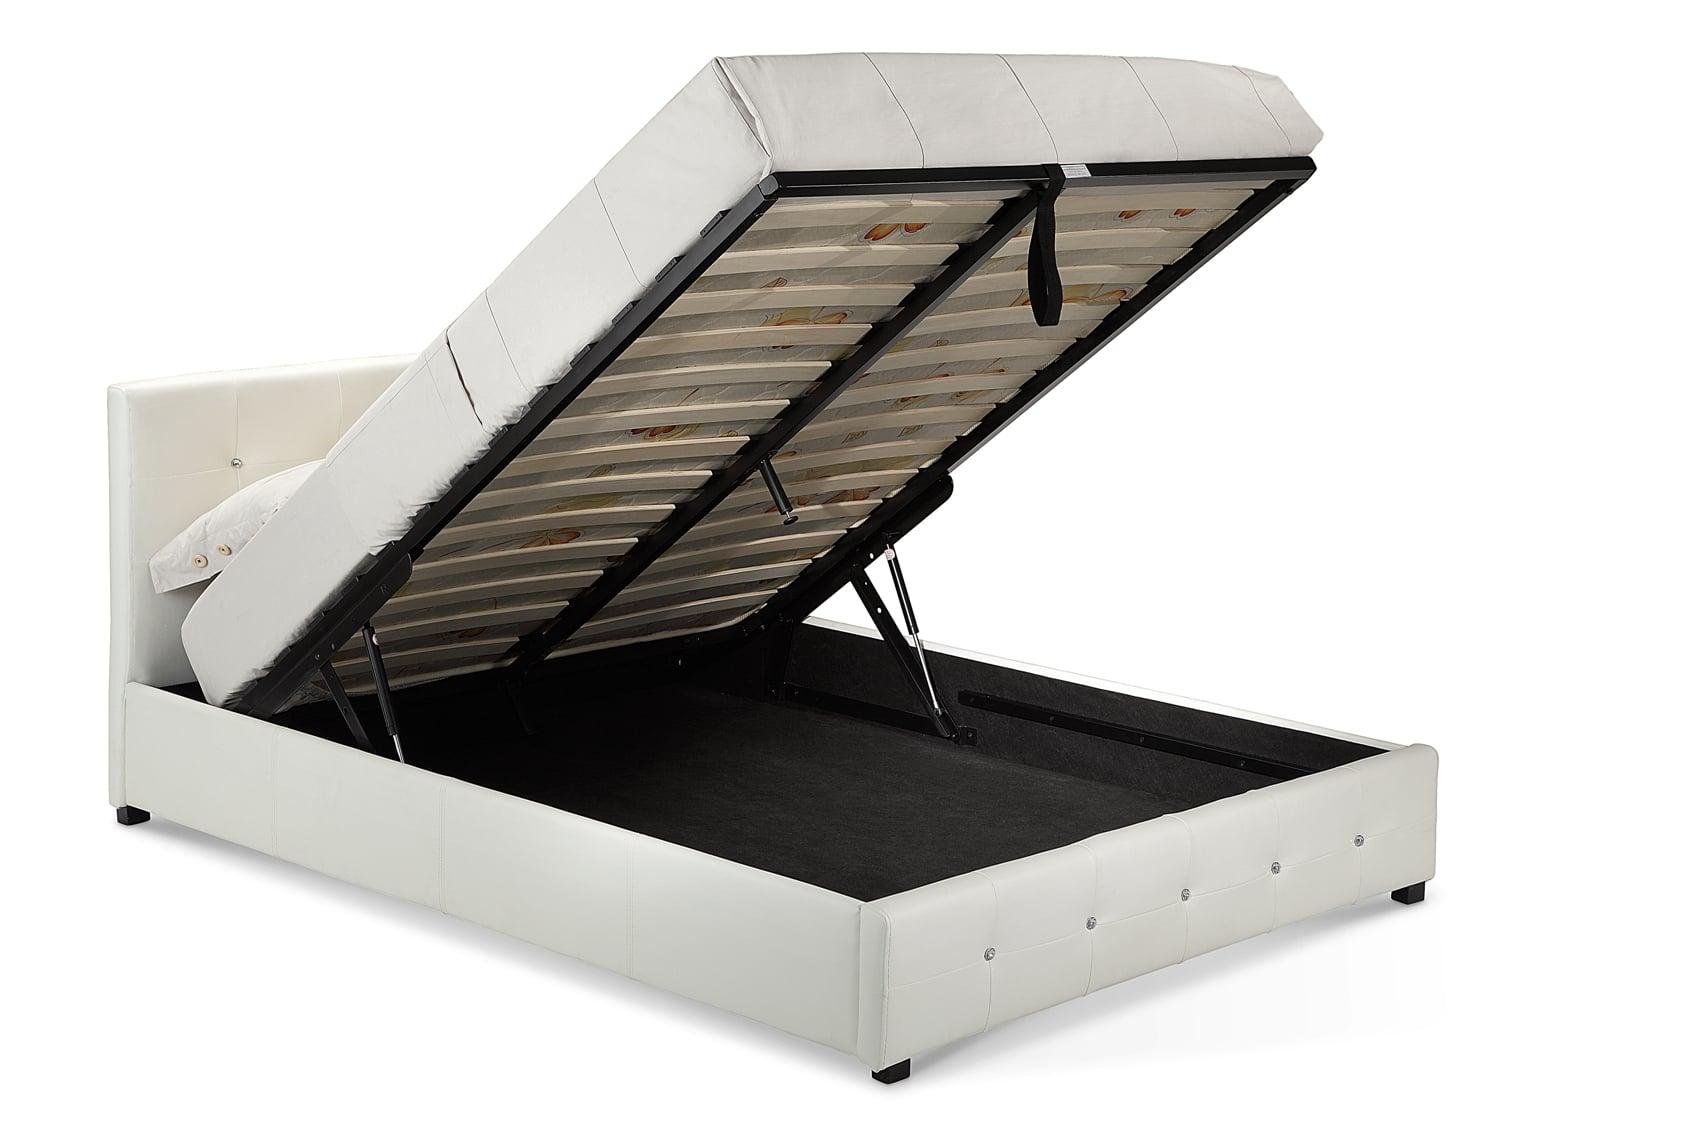 Quartz 5' Storage Bed